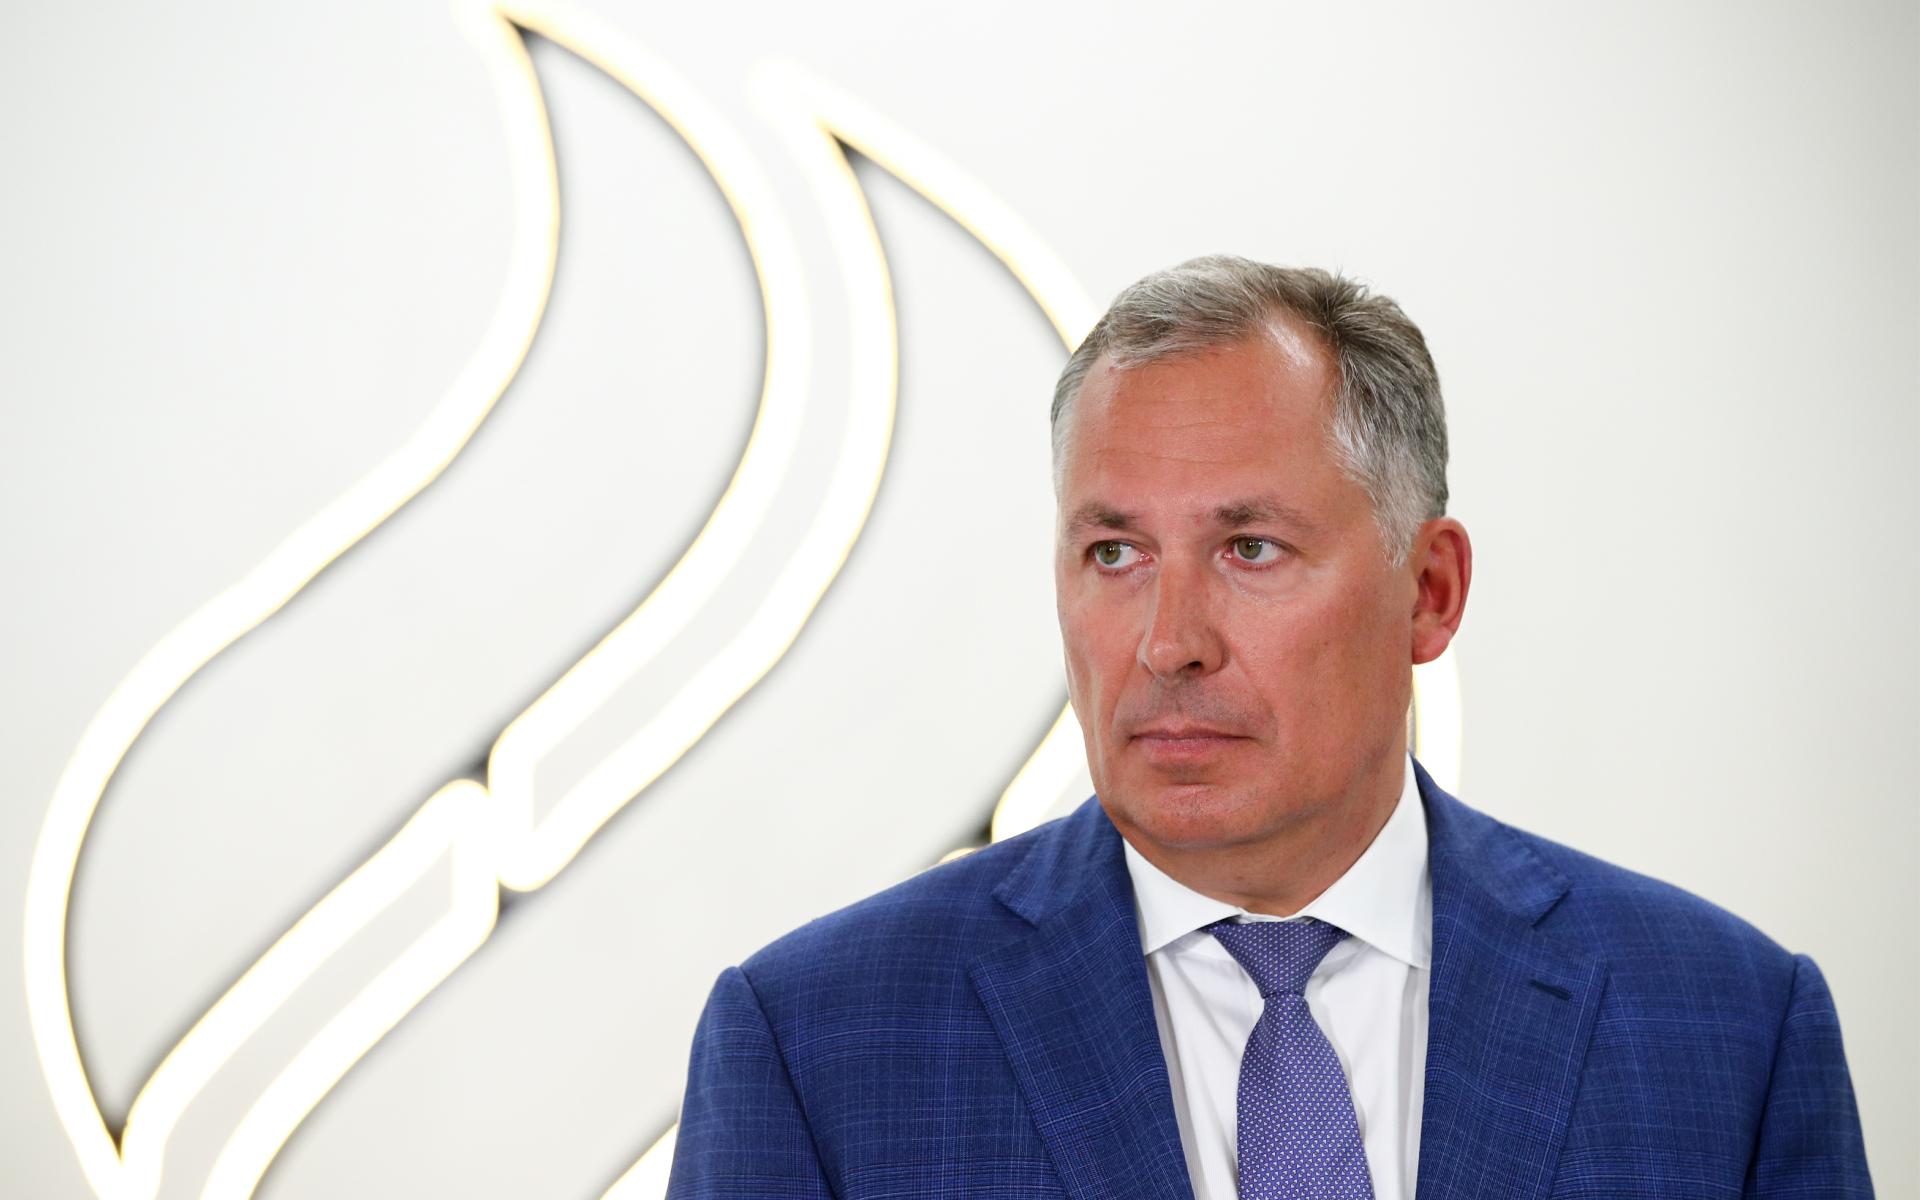 Фото: Станислав Поздняков  (Сергей Бобылев/ТАСС)